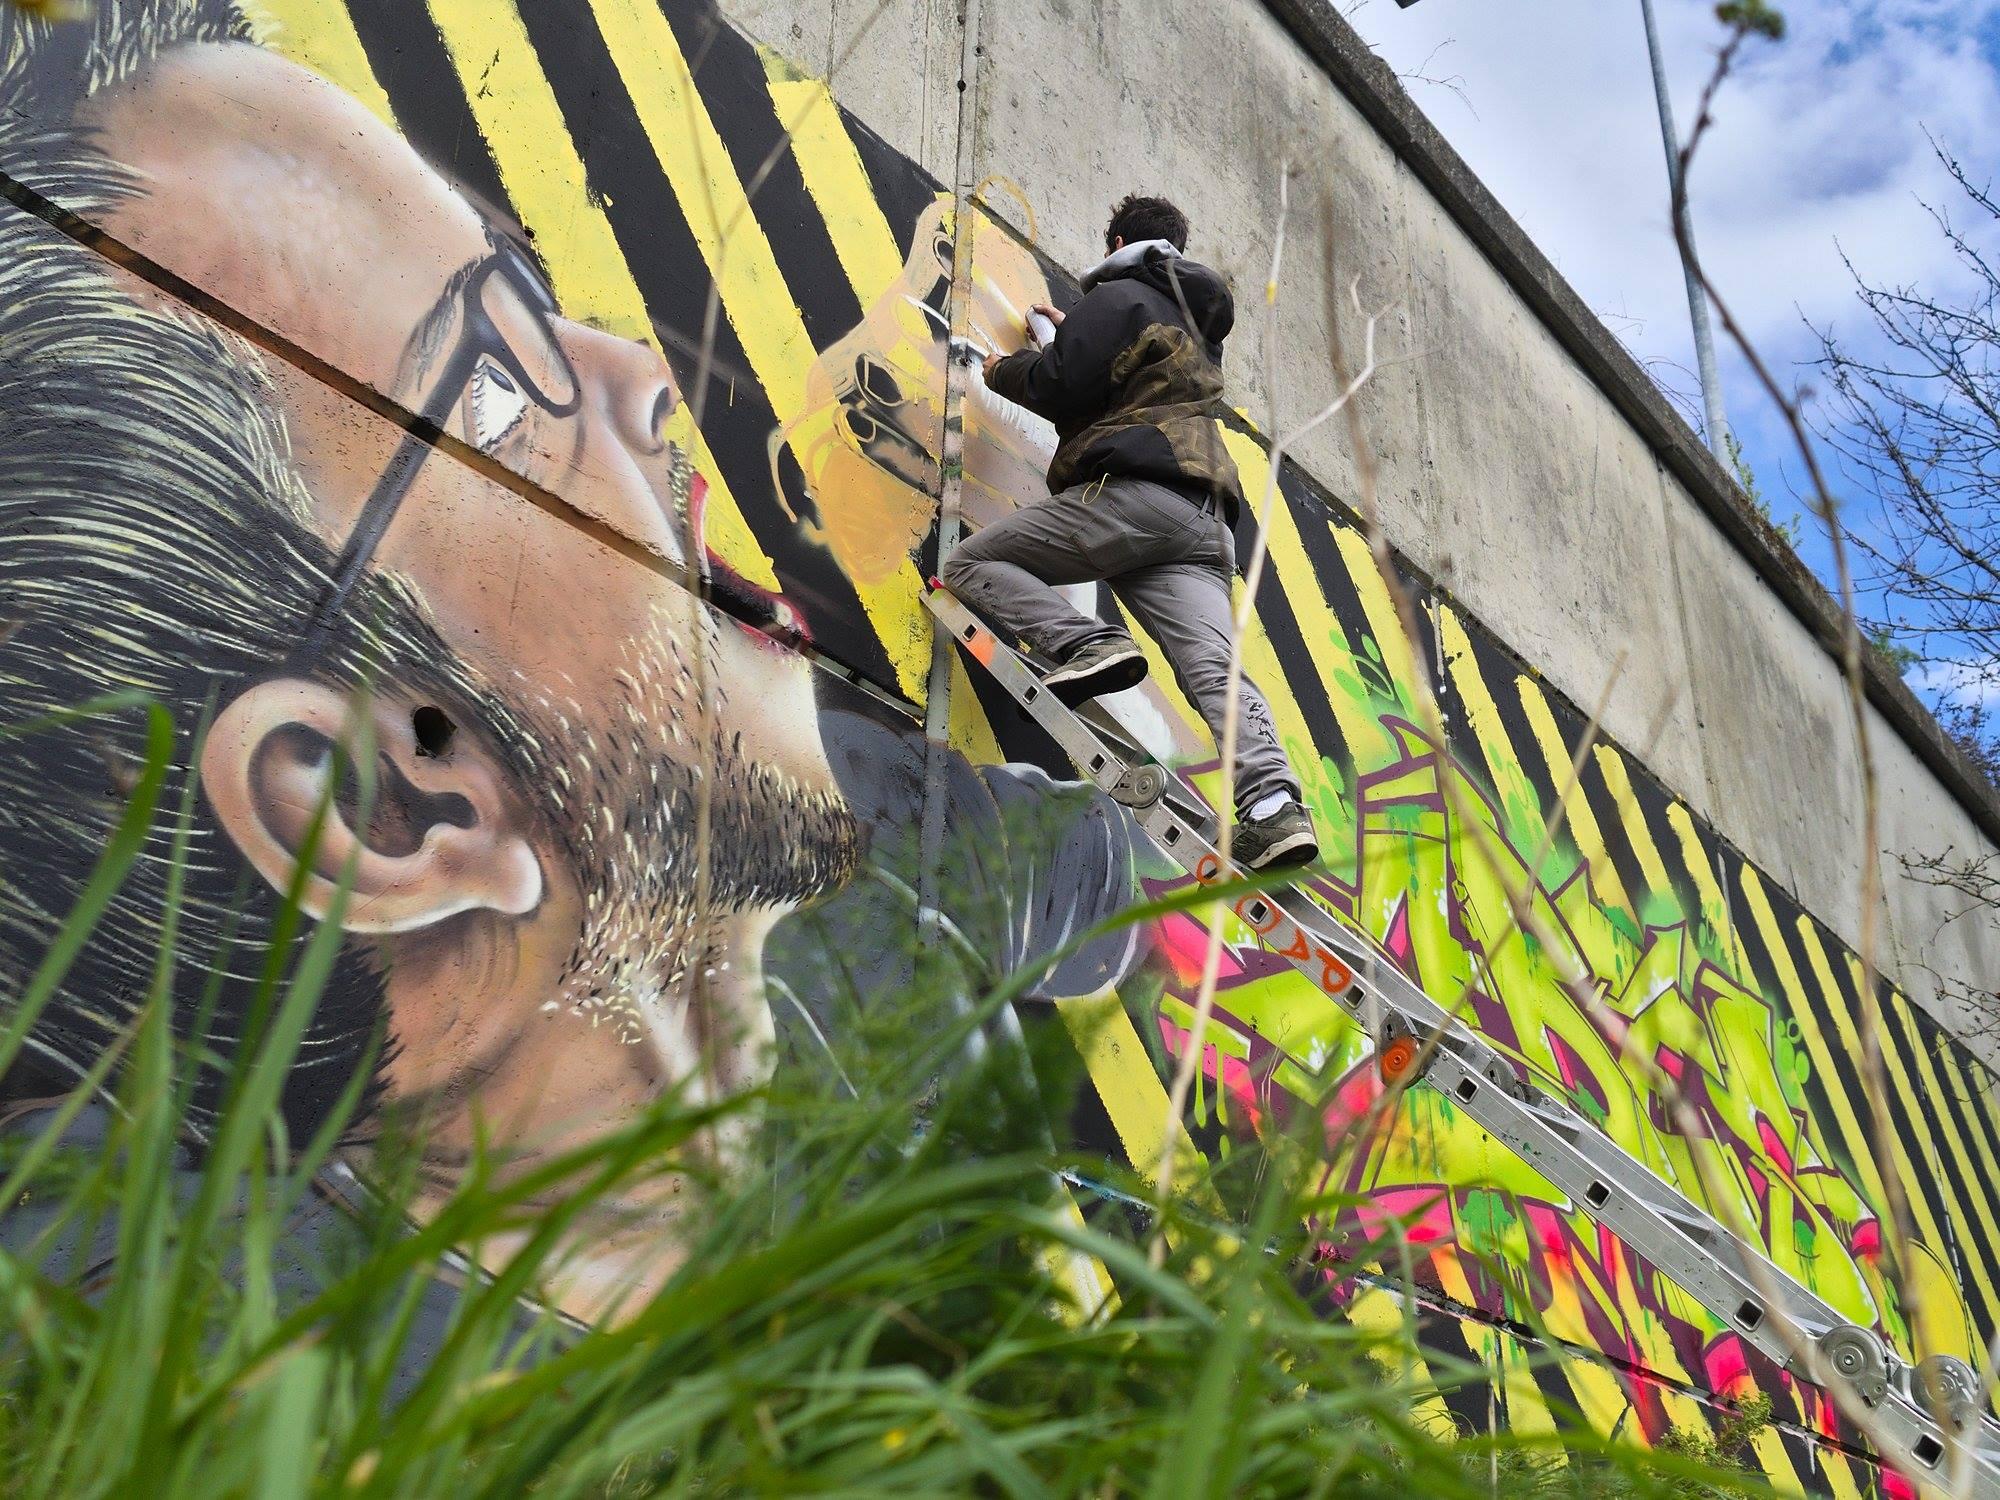 Burela ten dúas obras de  Diego As, campión da liga nacional de grafitti, ao que parabeniza